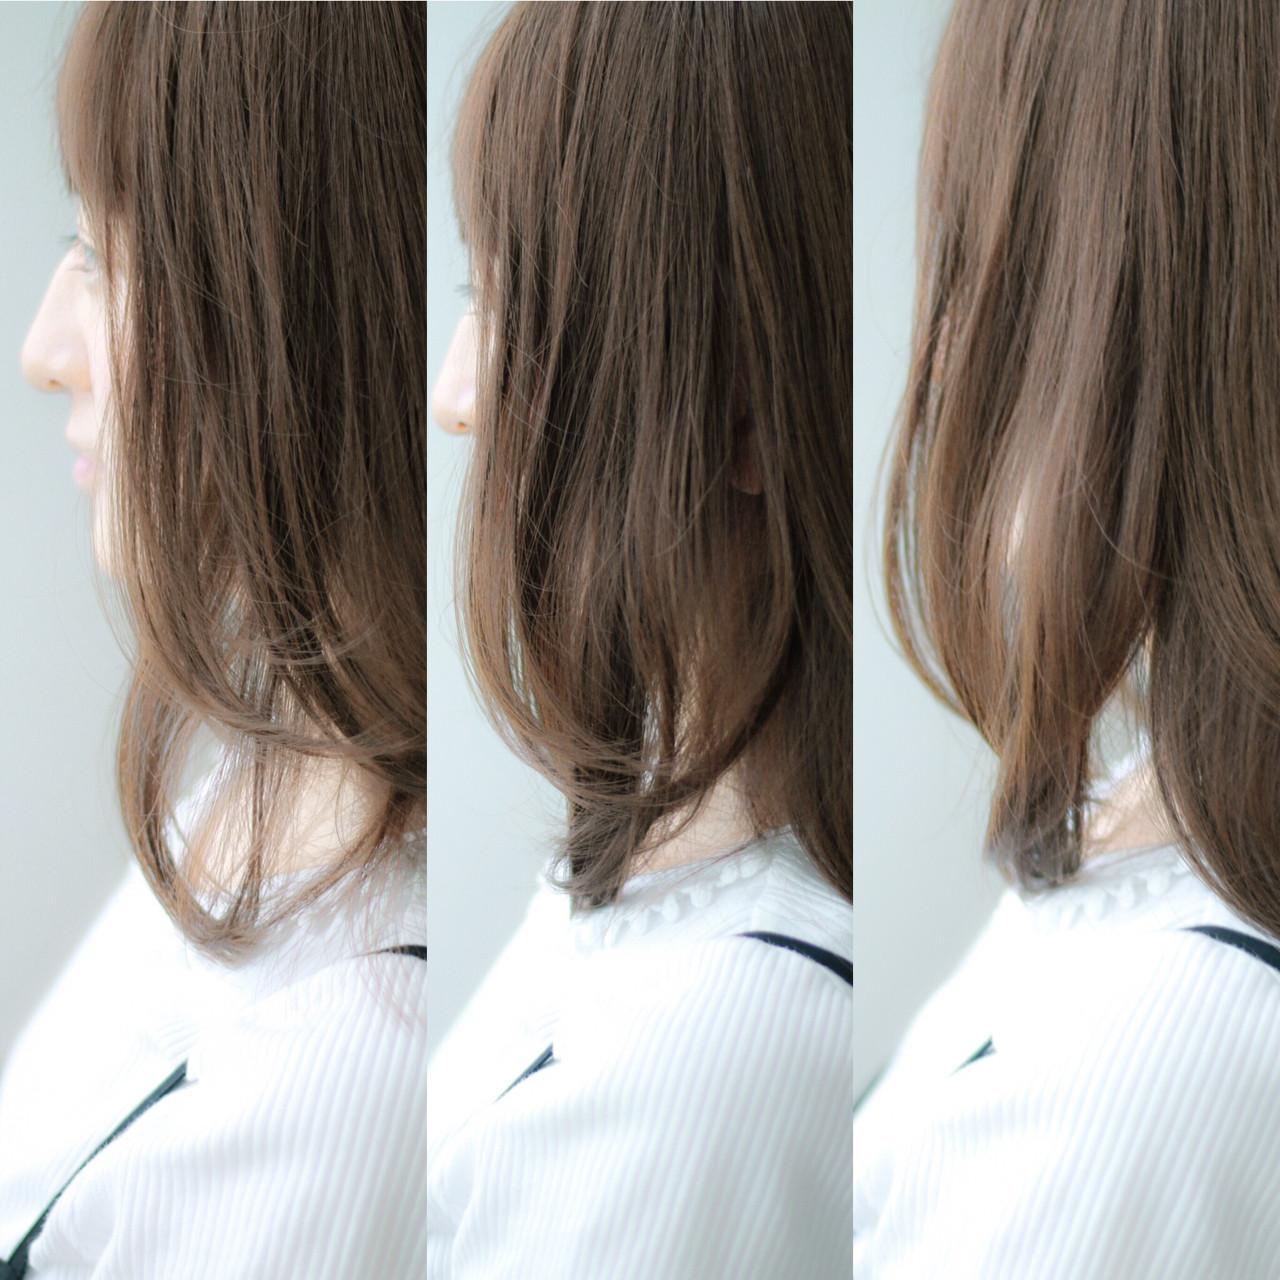 ロブ ブラウン 大人かわいい ミディアム ヘアスタイルや髪型の写真・画像